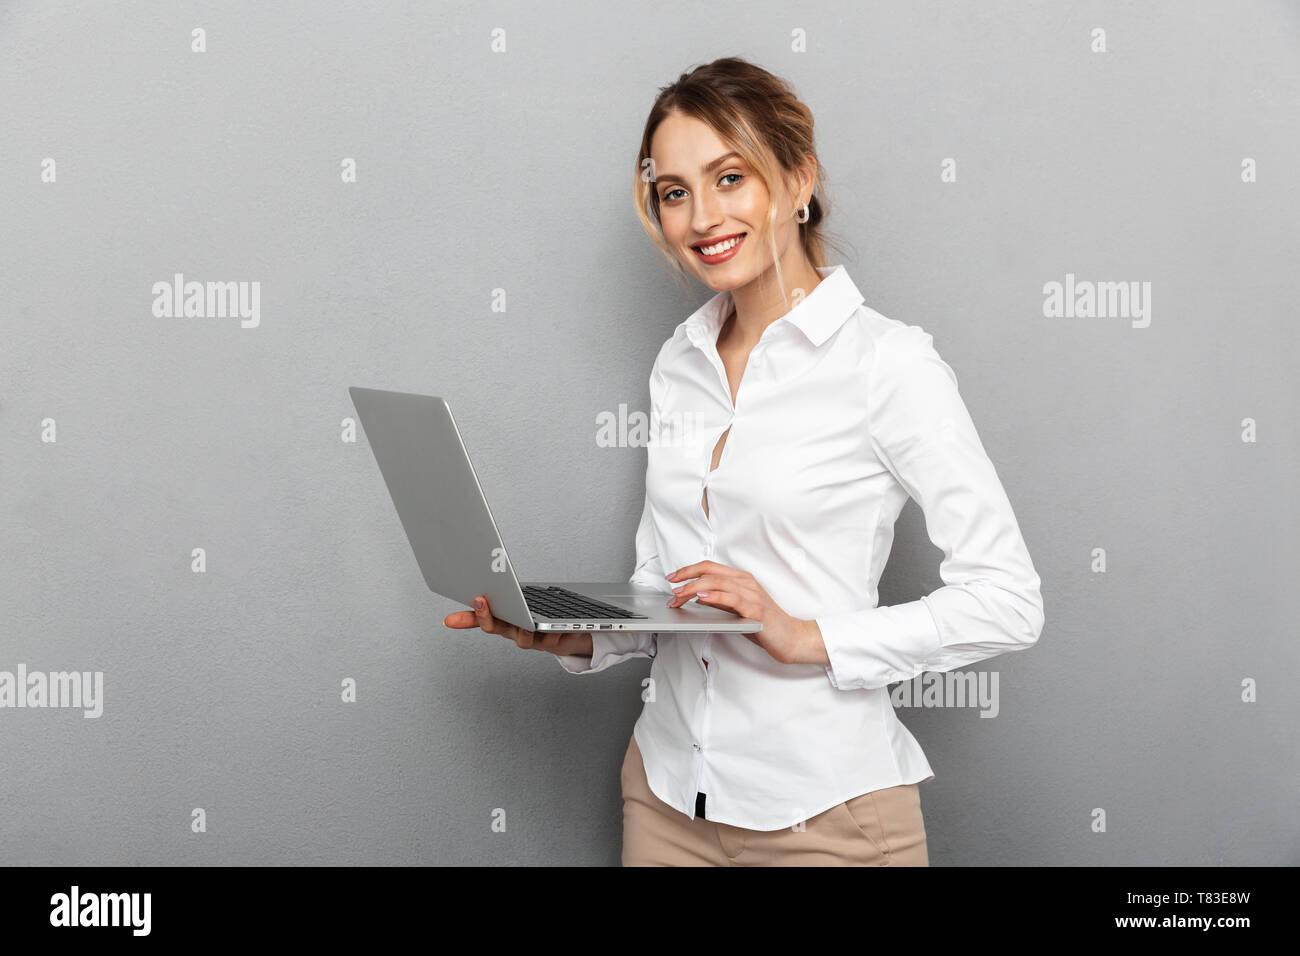 Foto di smart donna in abbigliamento formale e permanente tenendo portatile in ufficio isolate su uno sfondo grigio Immagini Stock